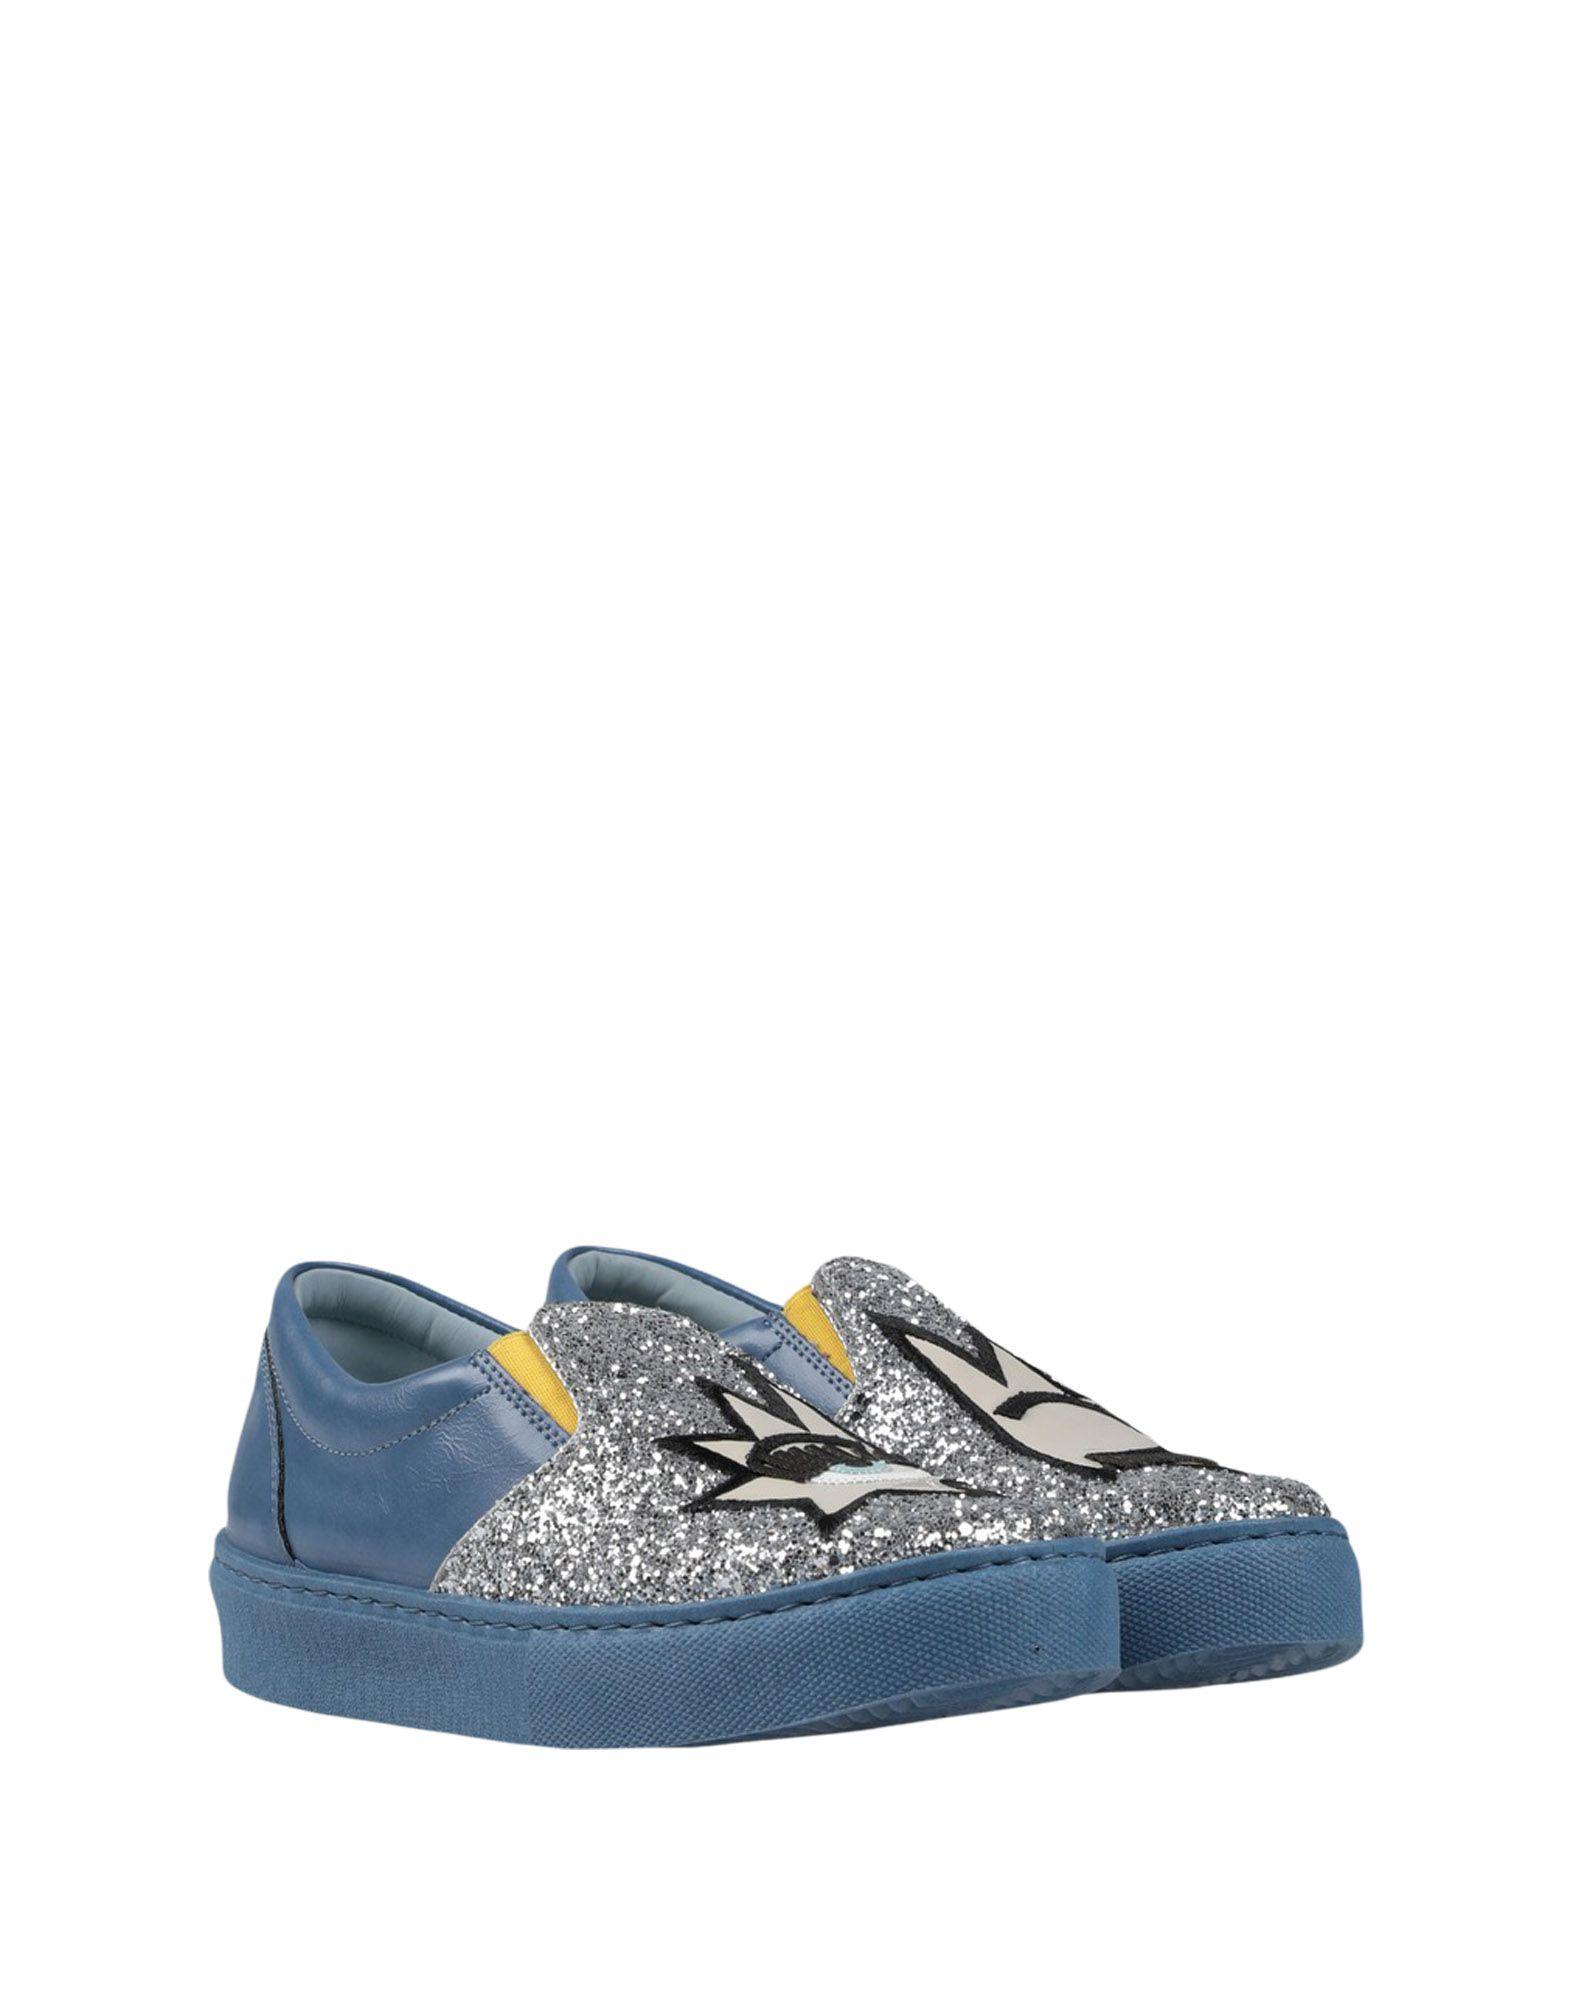 Stilvolle billige Schuhe Damen Chiara Ferragni Sneakers Damen Schuhe  11554697MJ 6f4f81